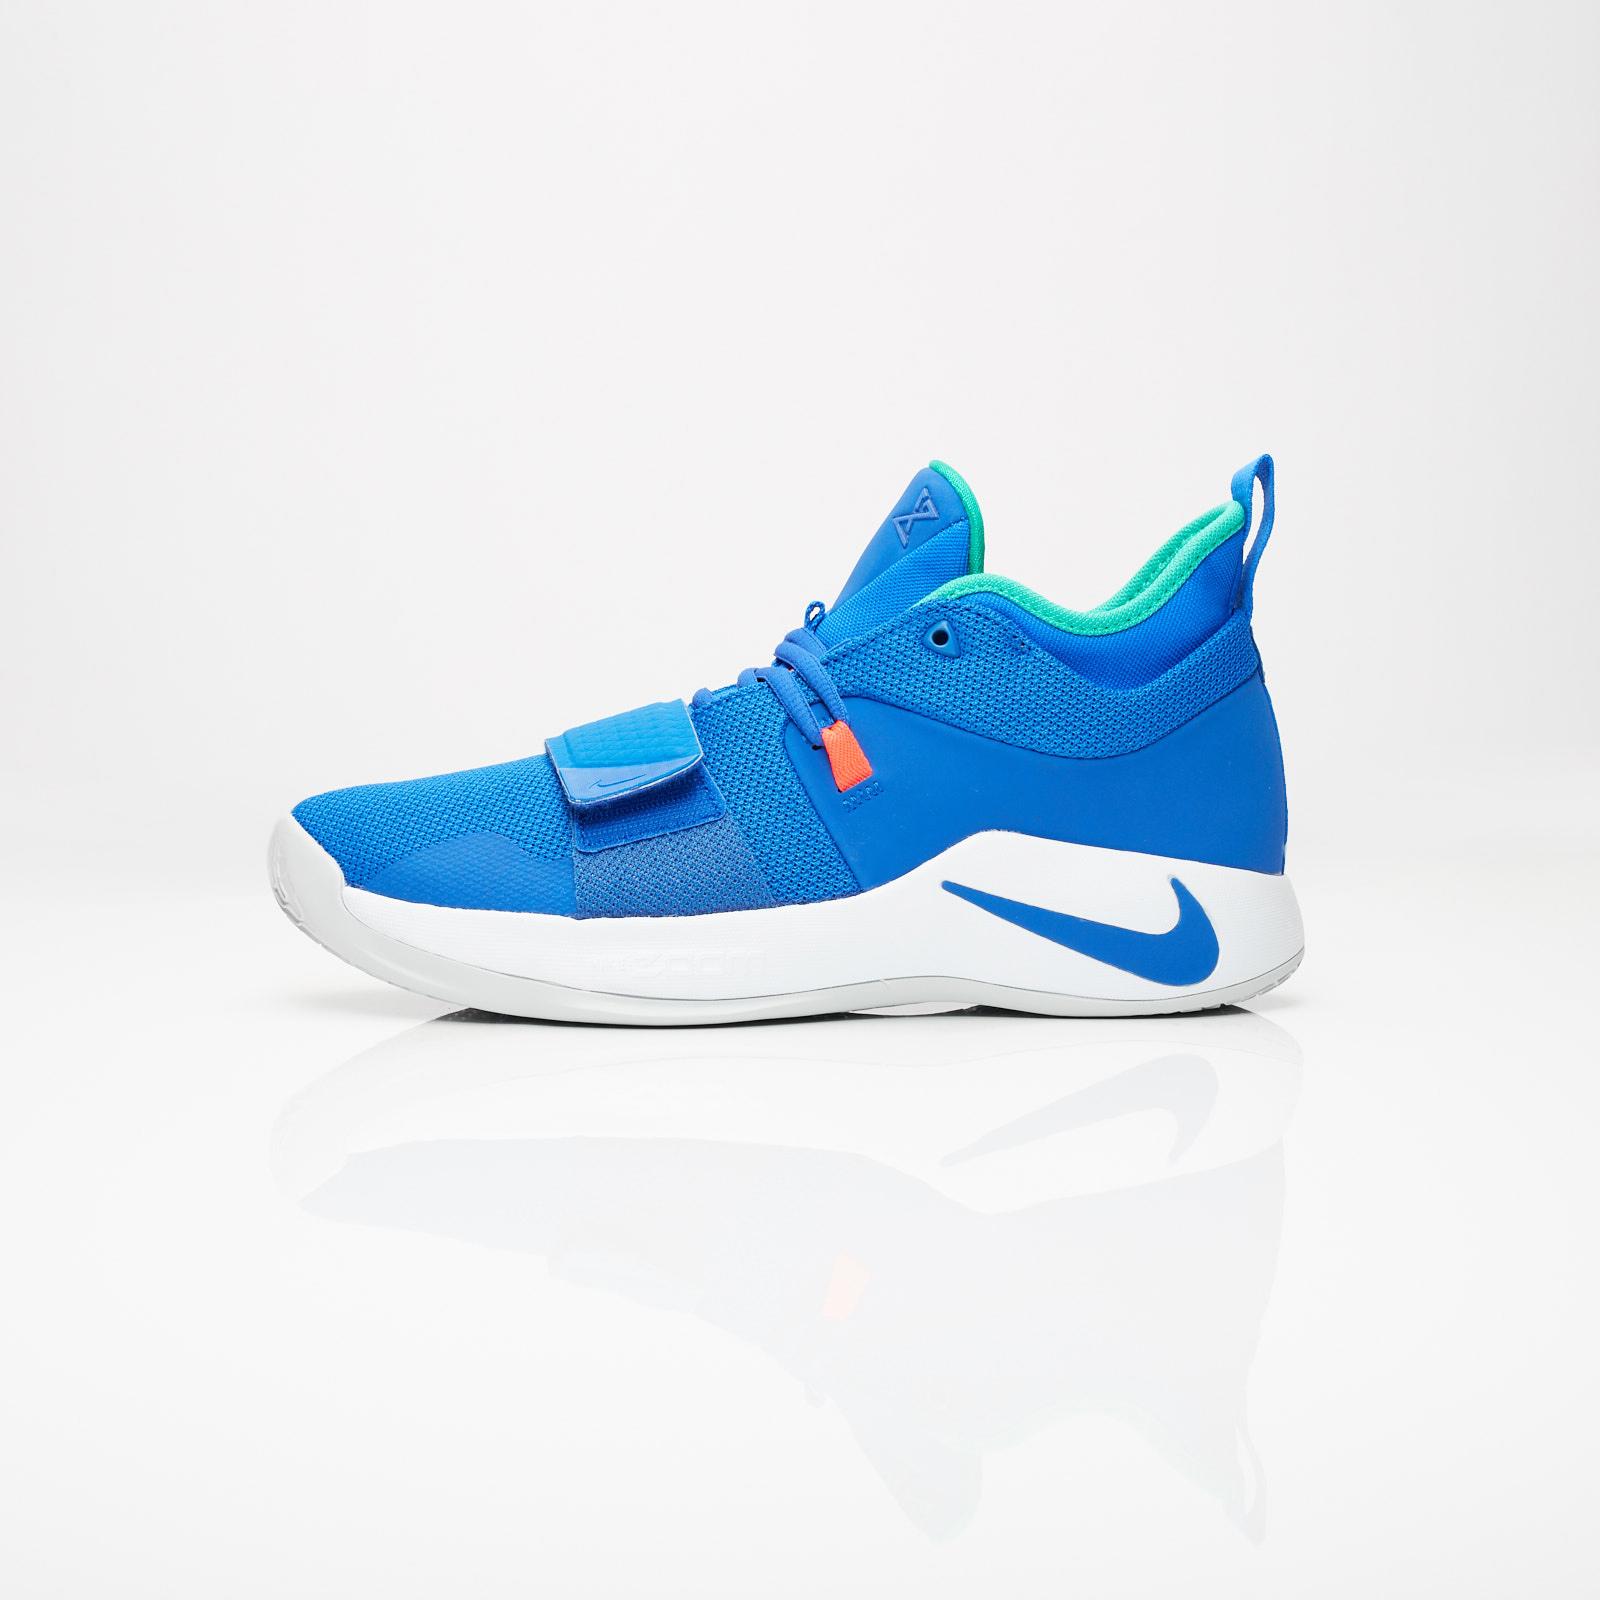 d44a185987c2db Nike PG 2.5 - Bq8452-401 - Sneakersnstuff